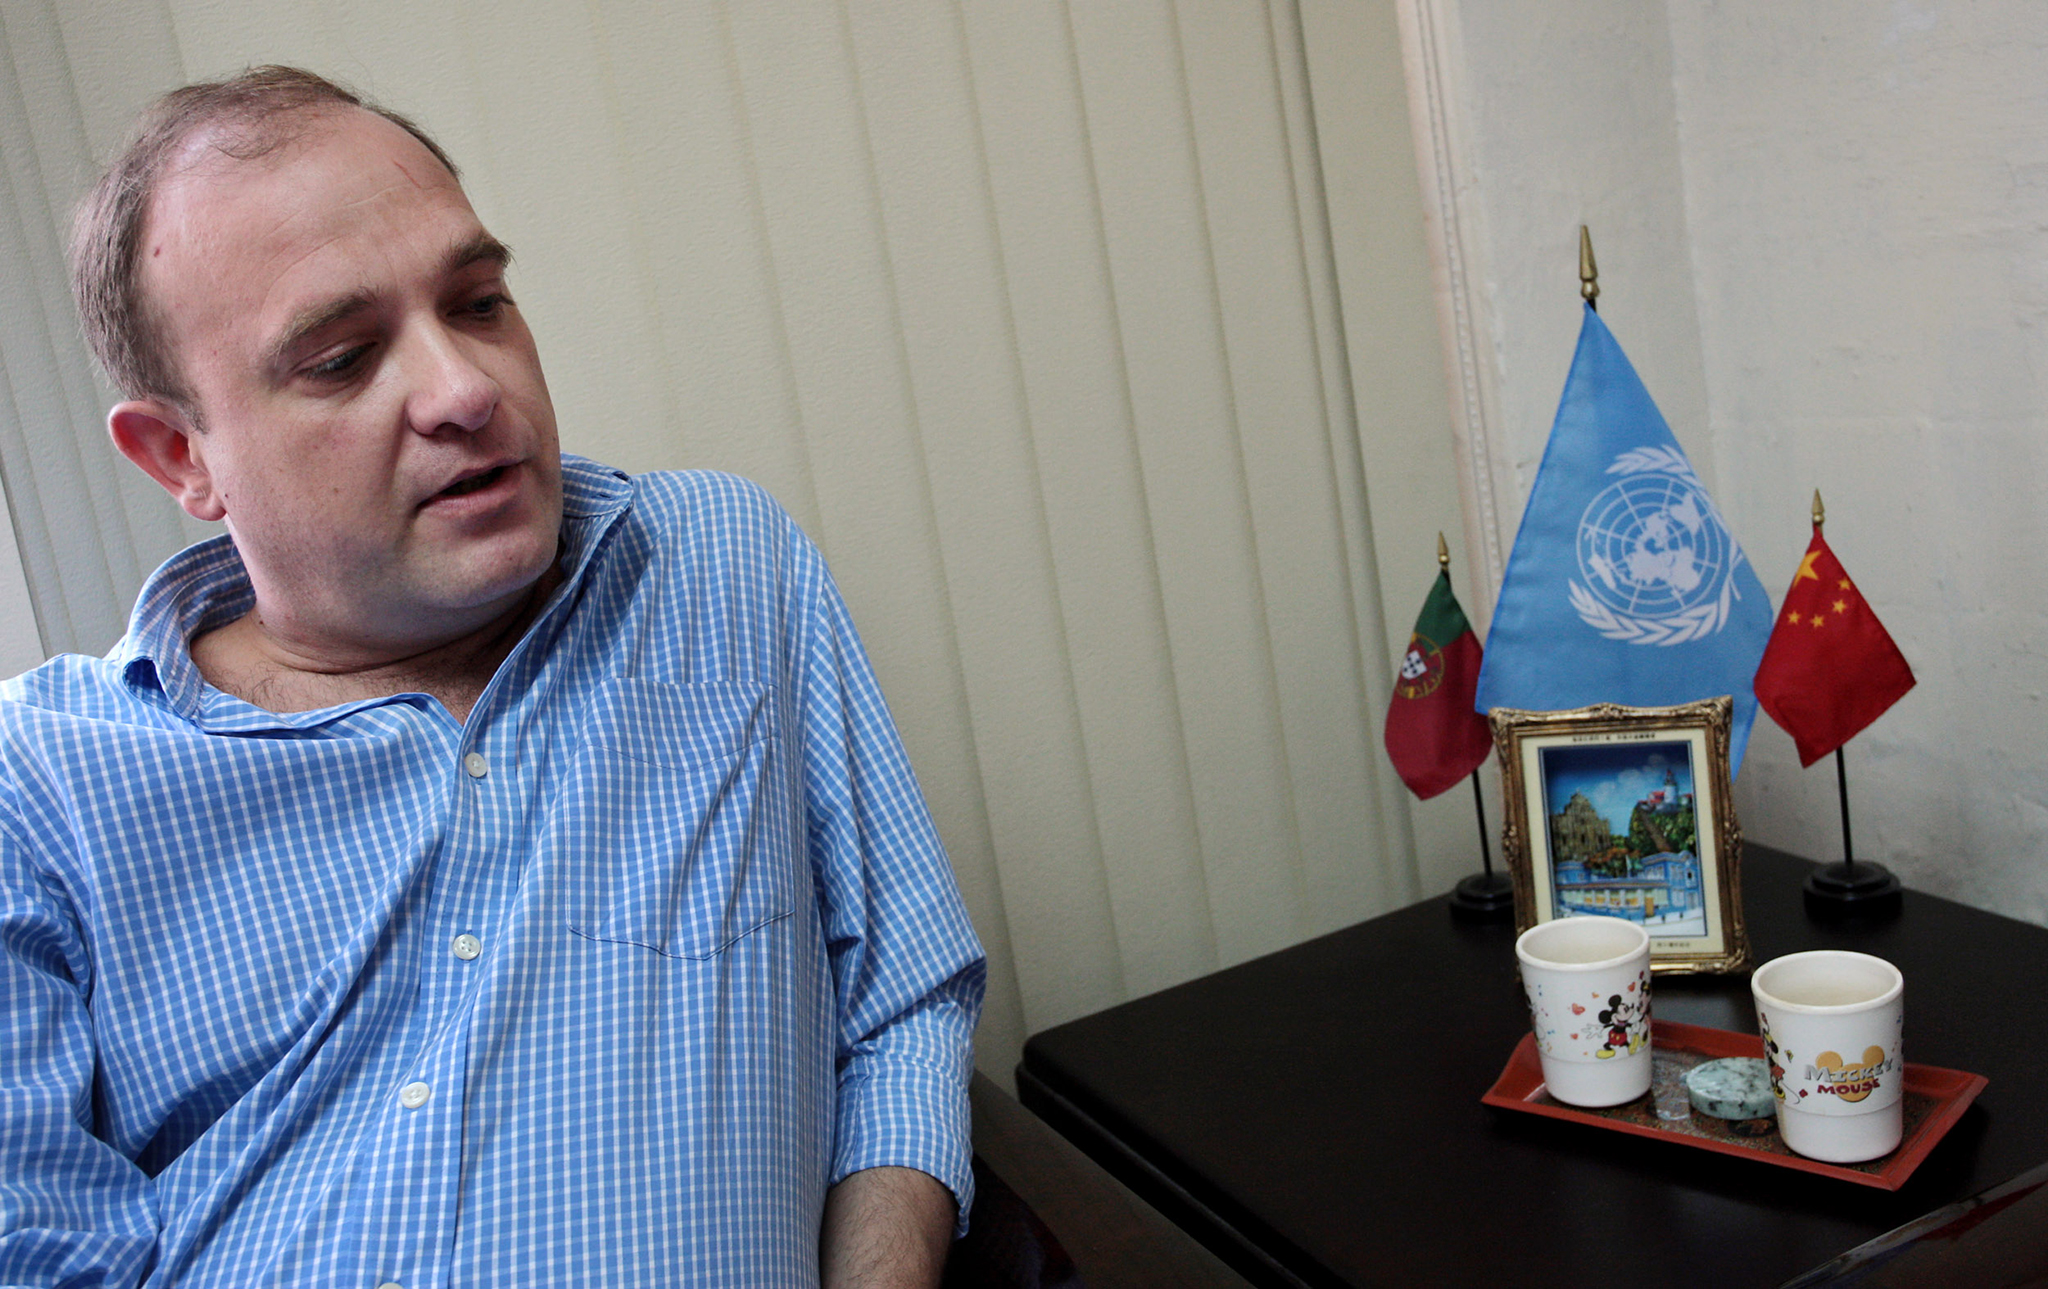 ARTM espera aumento de orçamento para a luta contra a droga